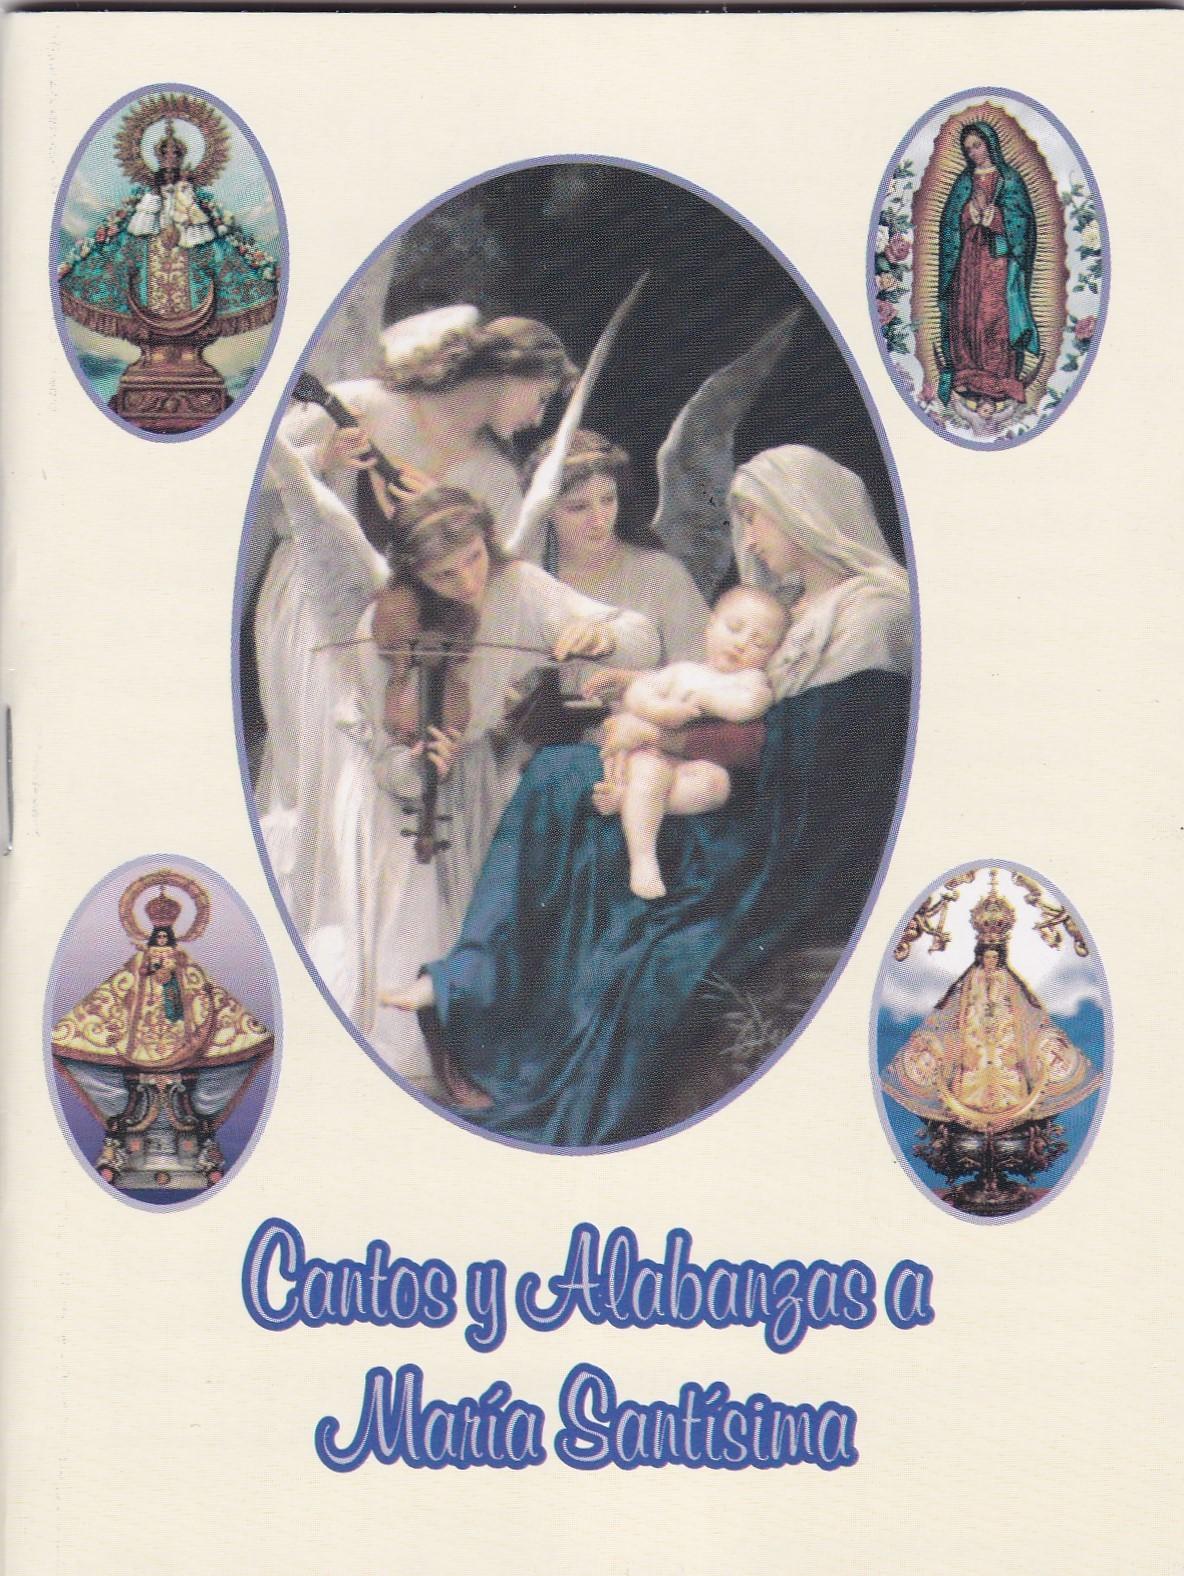 Cantos y alabanzas a maria santisima